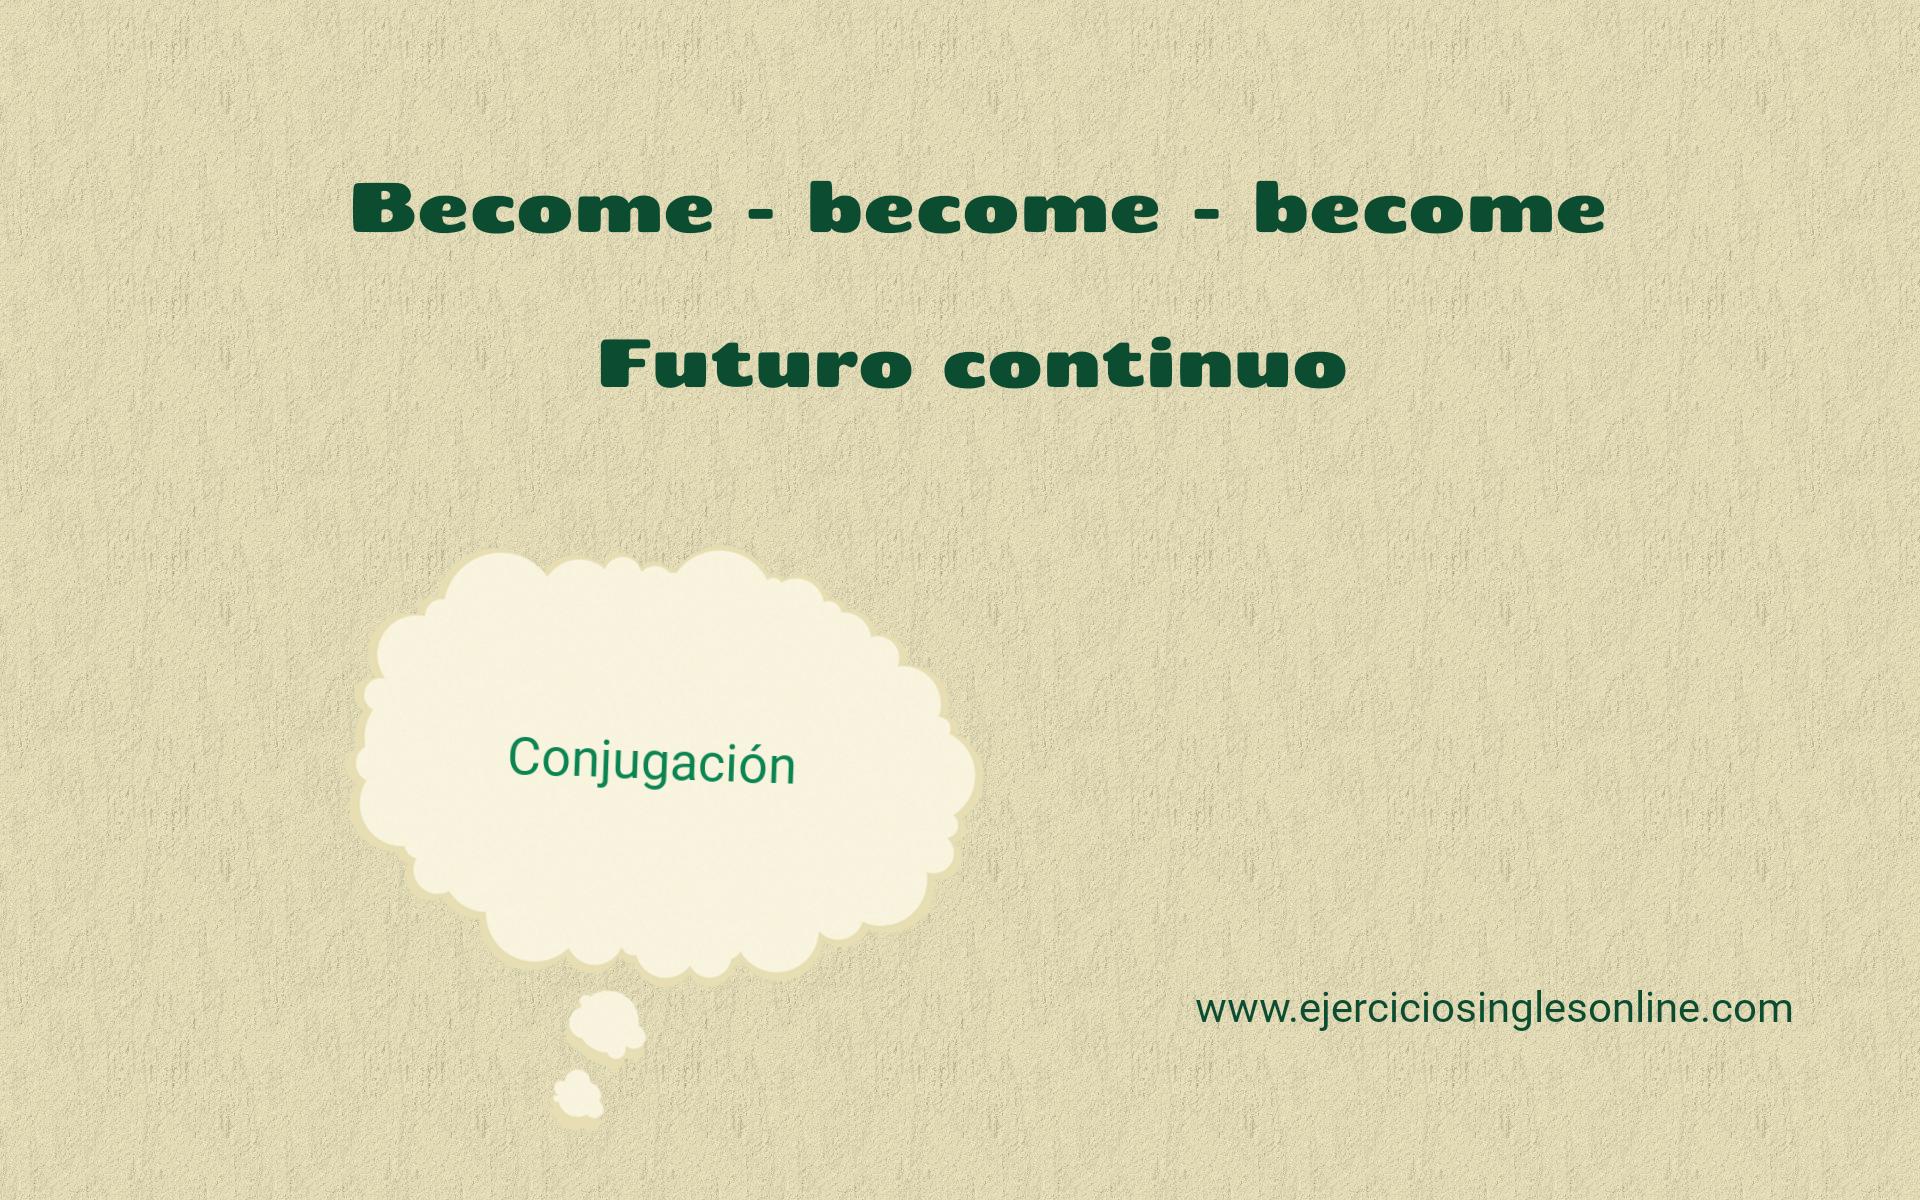 Become - Futuro continuo